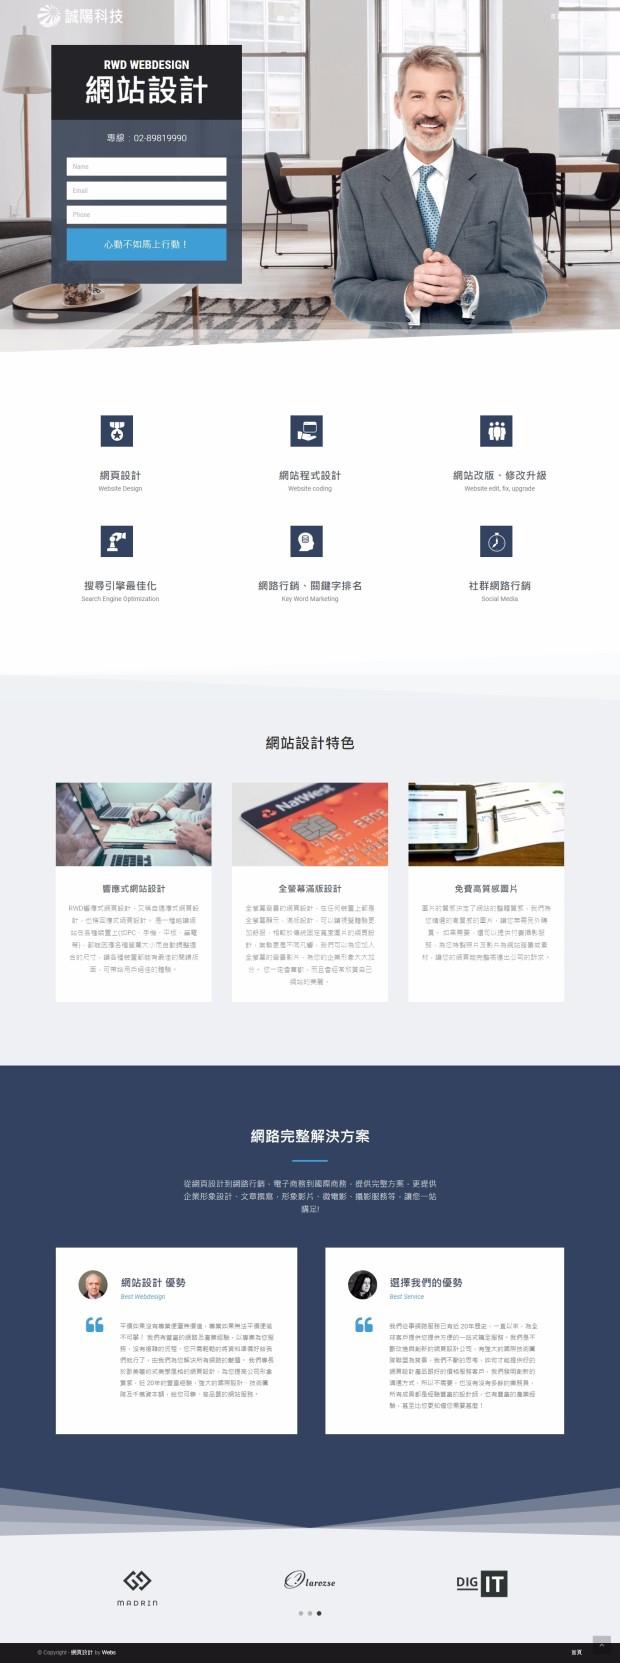 網頁設計-風格37-1